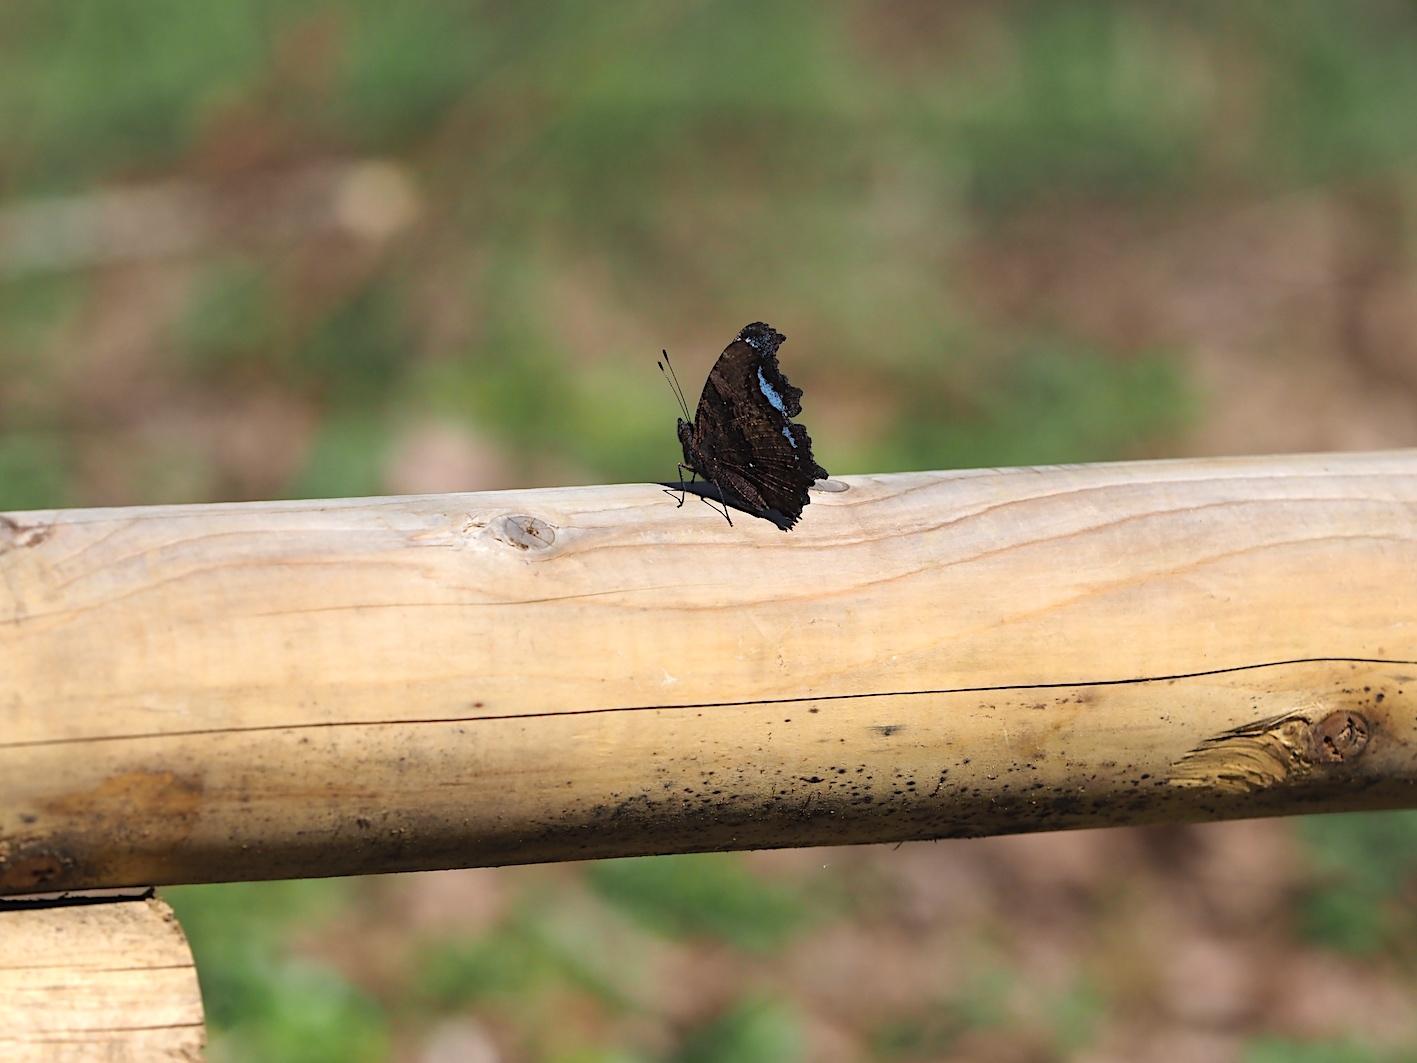 越冬明けの蝶と新生蝶(2020年3月15日)_d0303129_03102989.jpg